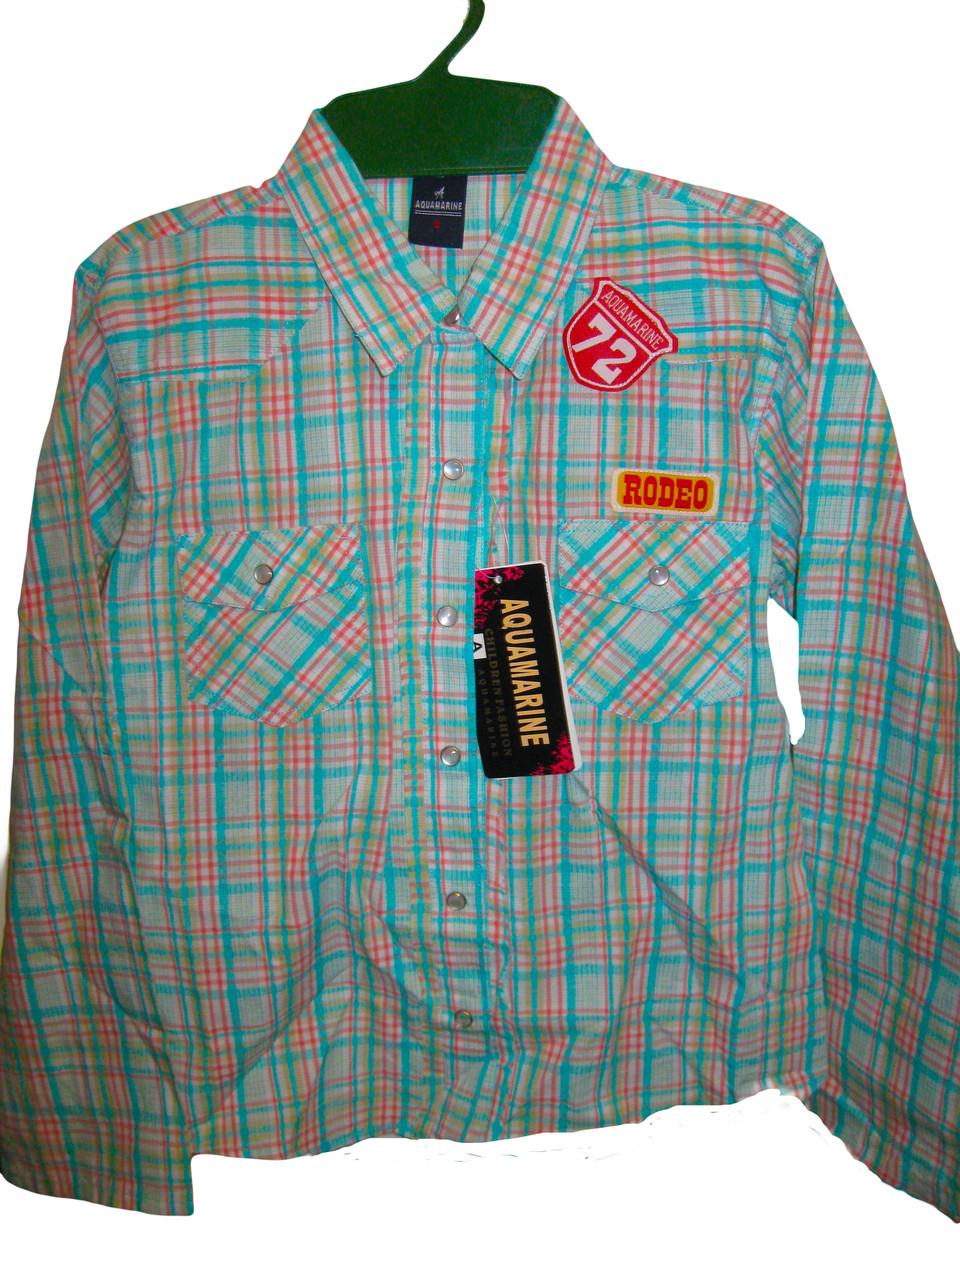 Рубашка для девочек, размеры 4.8 лет  арт. С 018